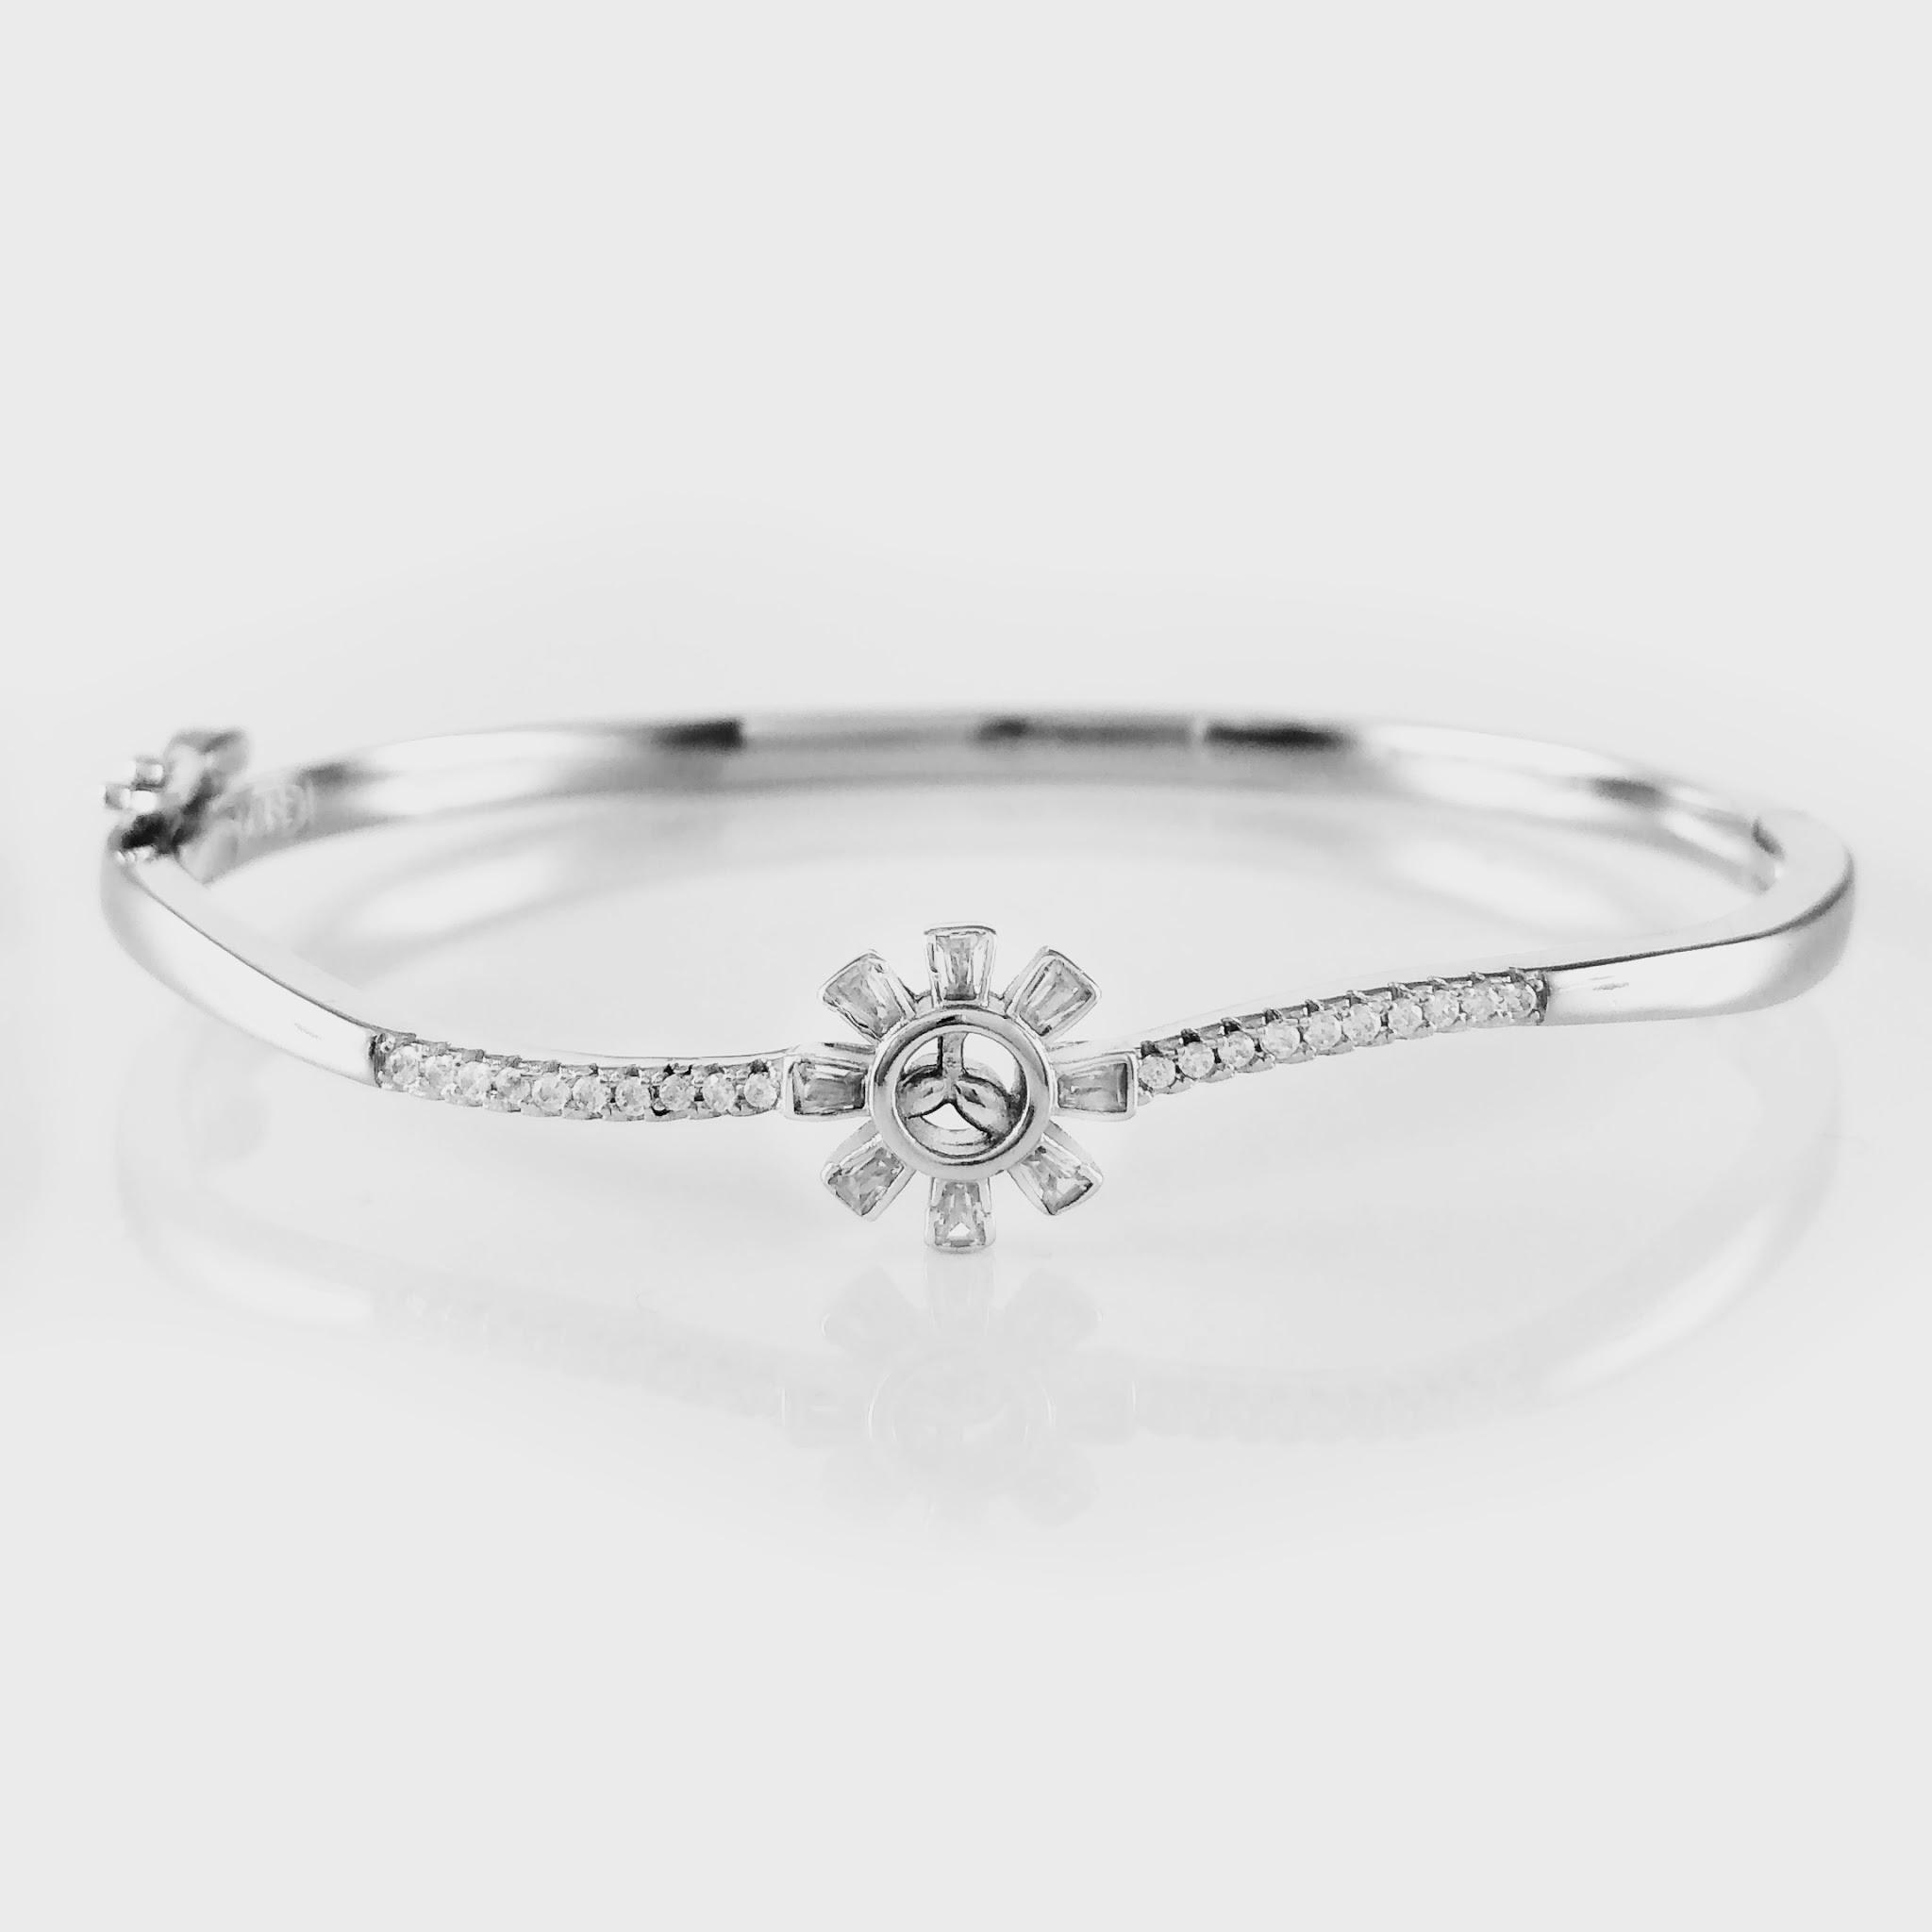 Floral Silver Bracelet